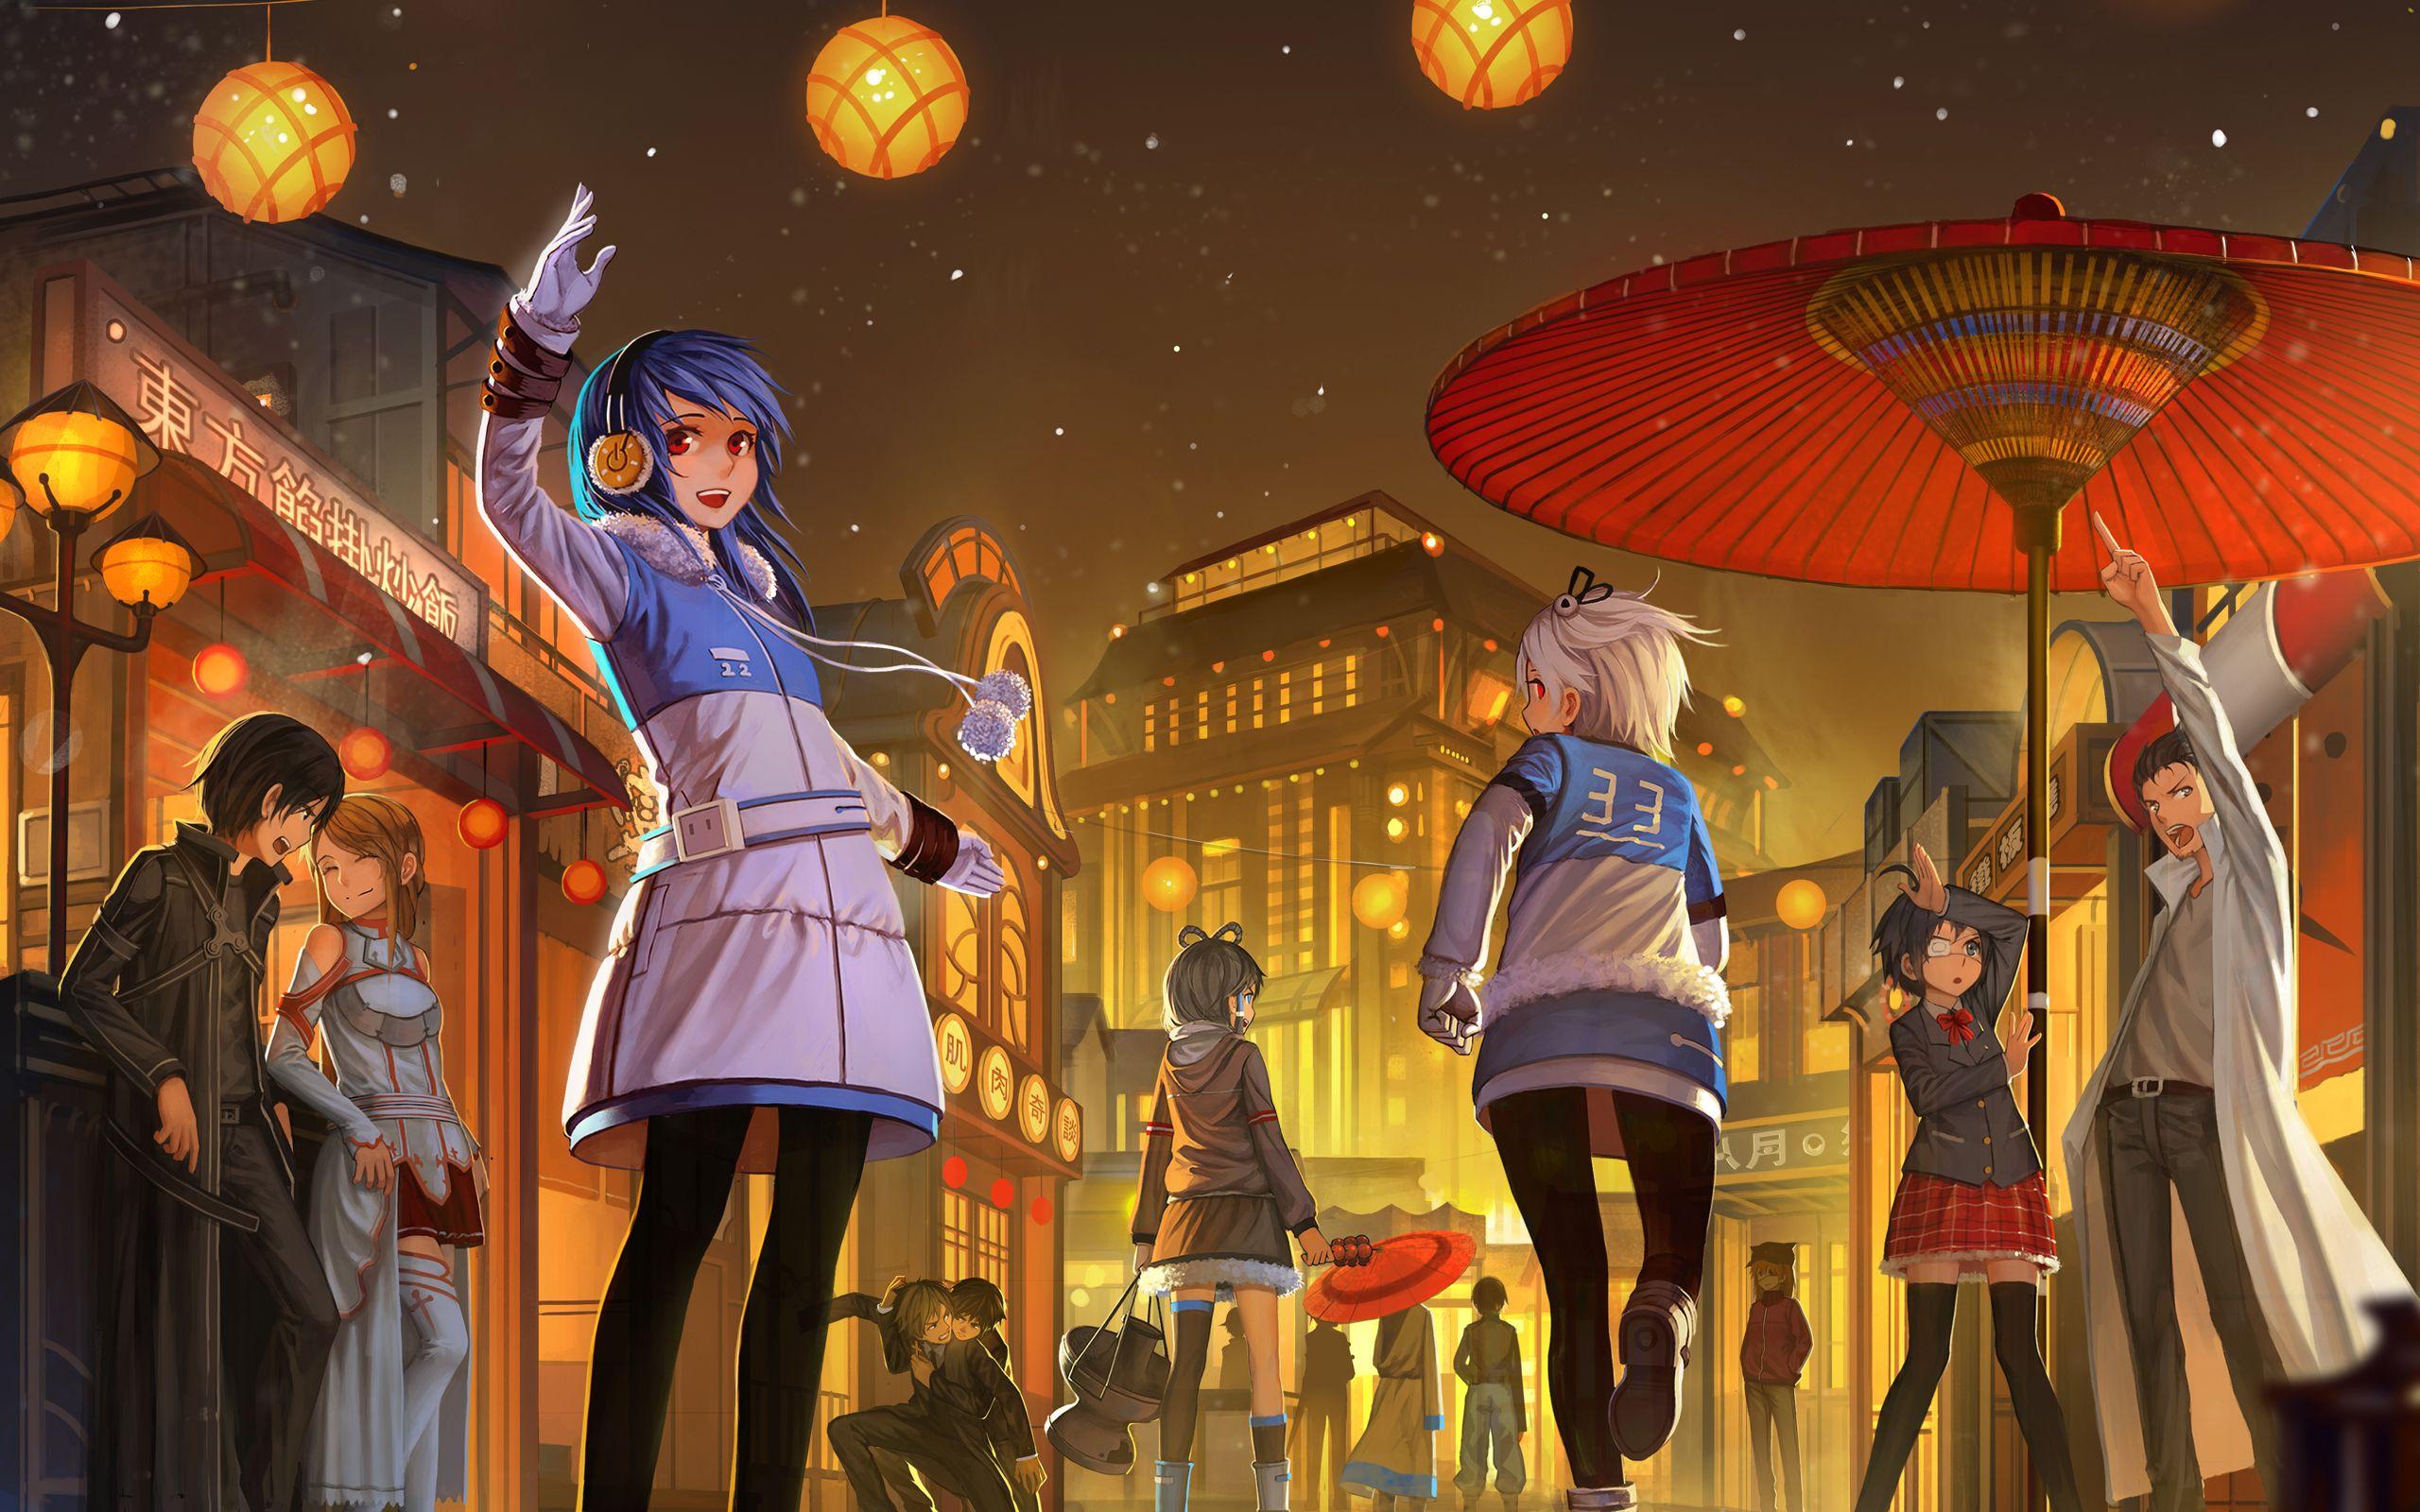 Anime Crossover Anime, Neon genesis evangelion